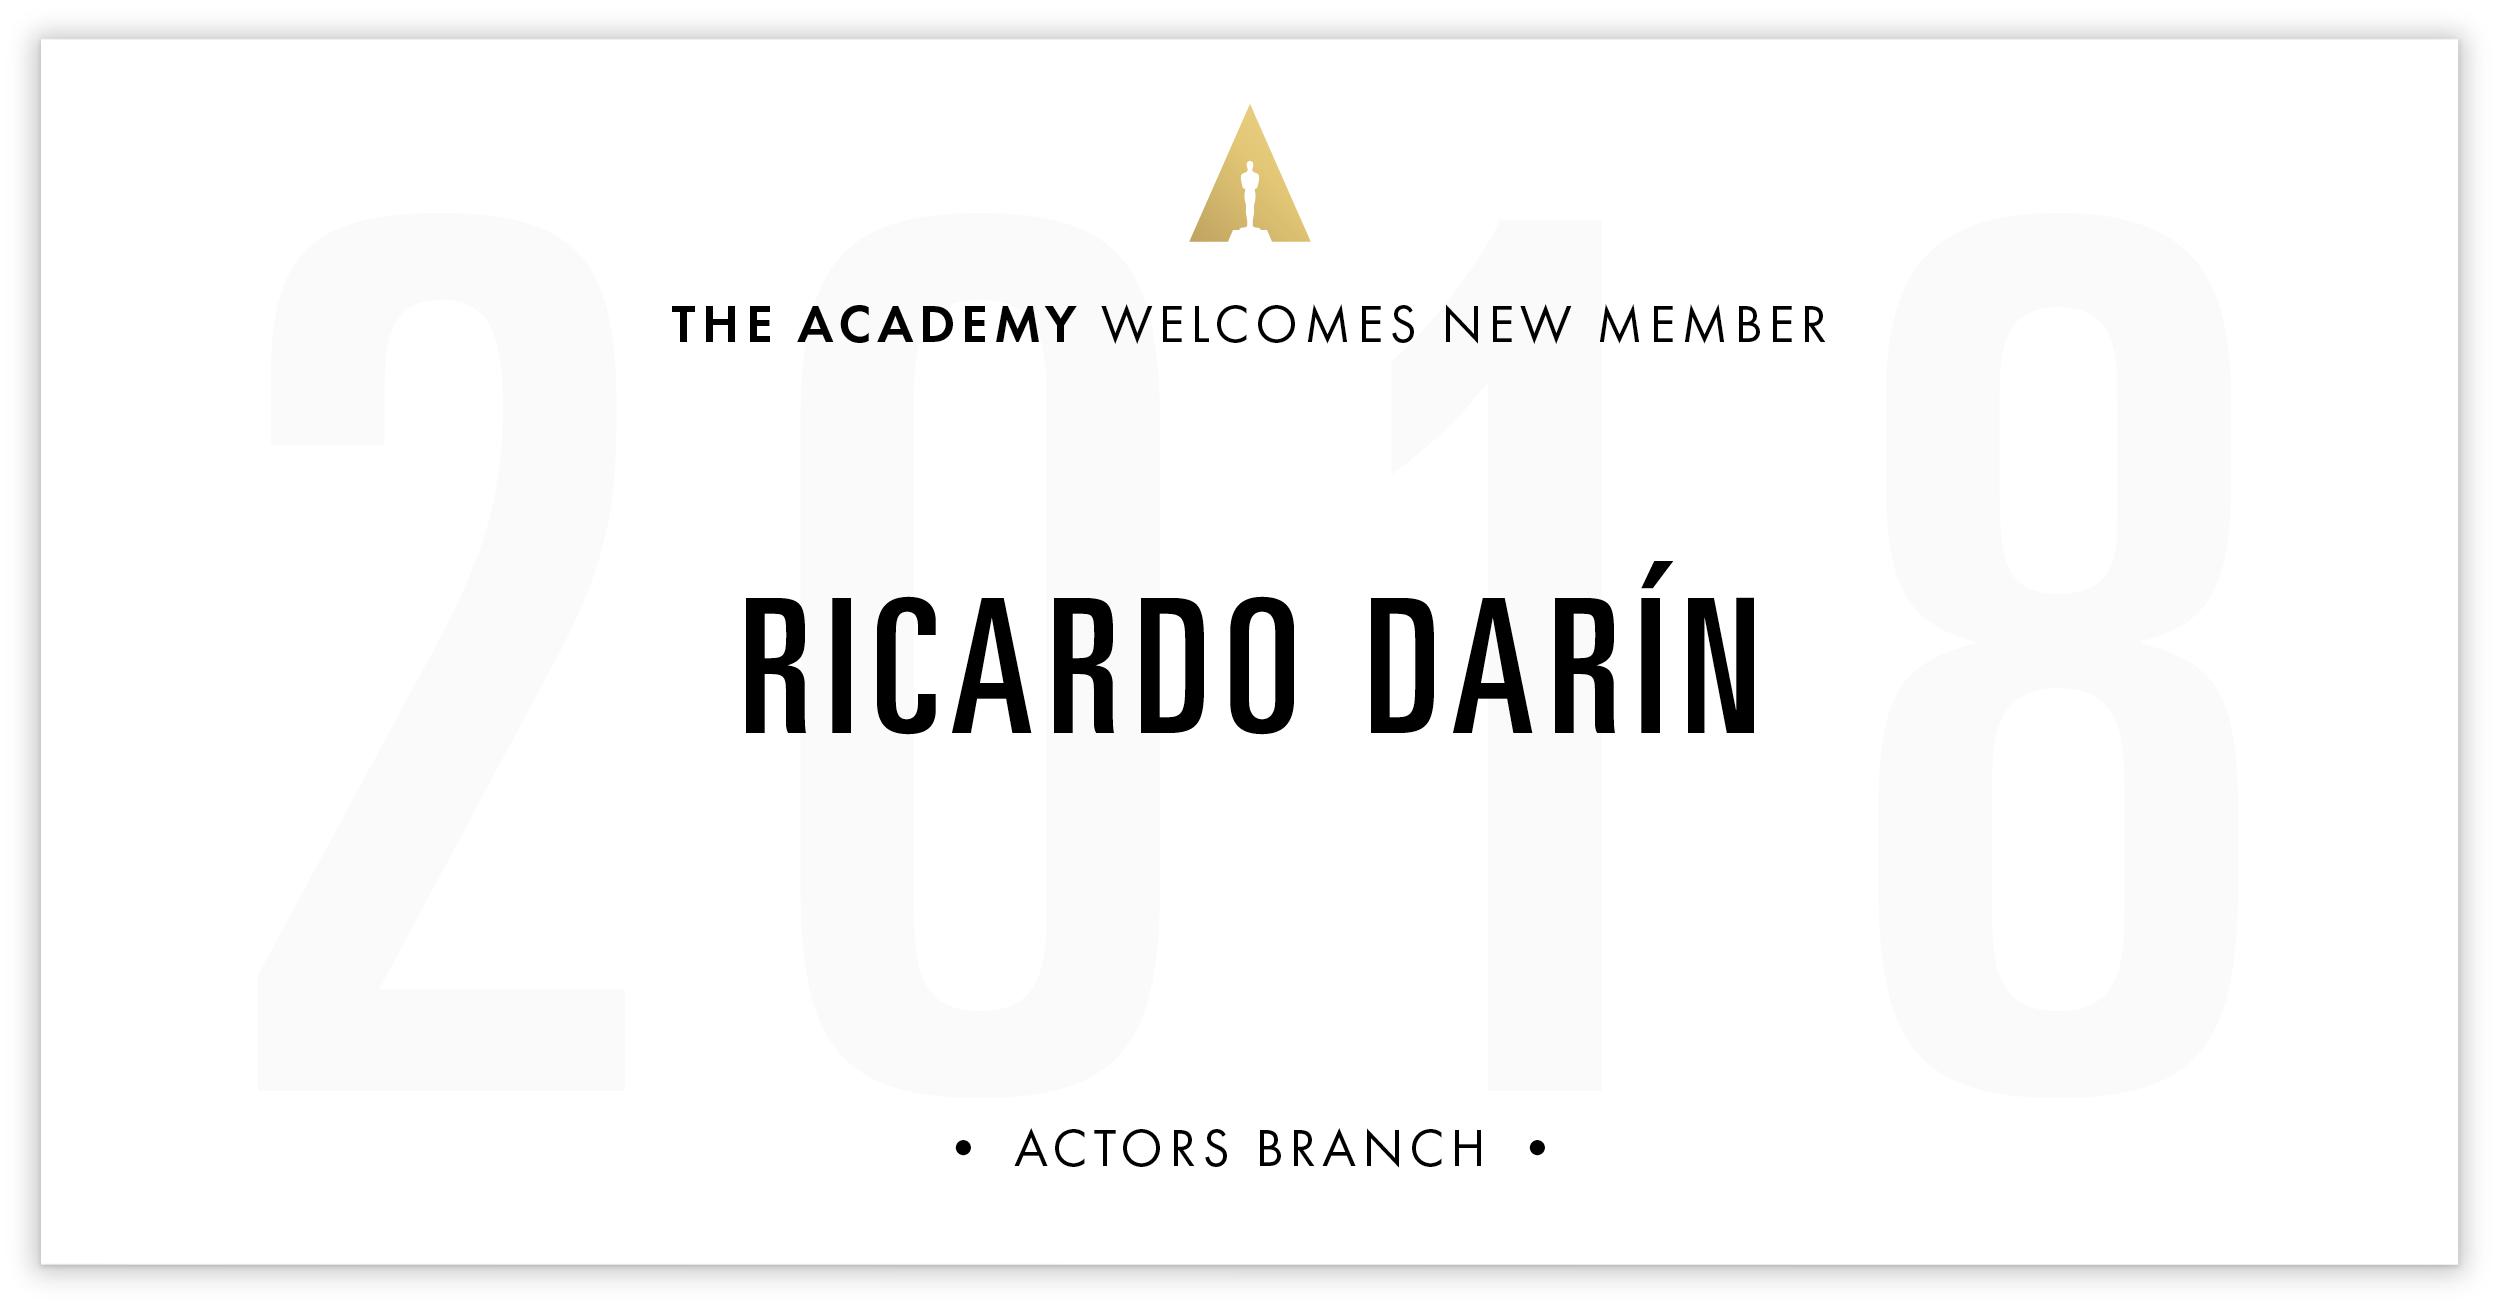 Ricardo Darín is invited!